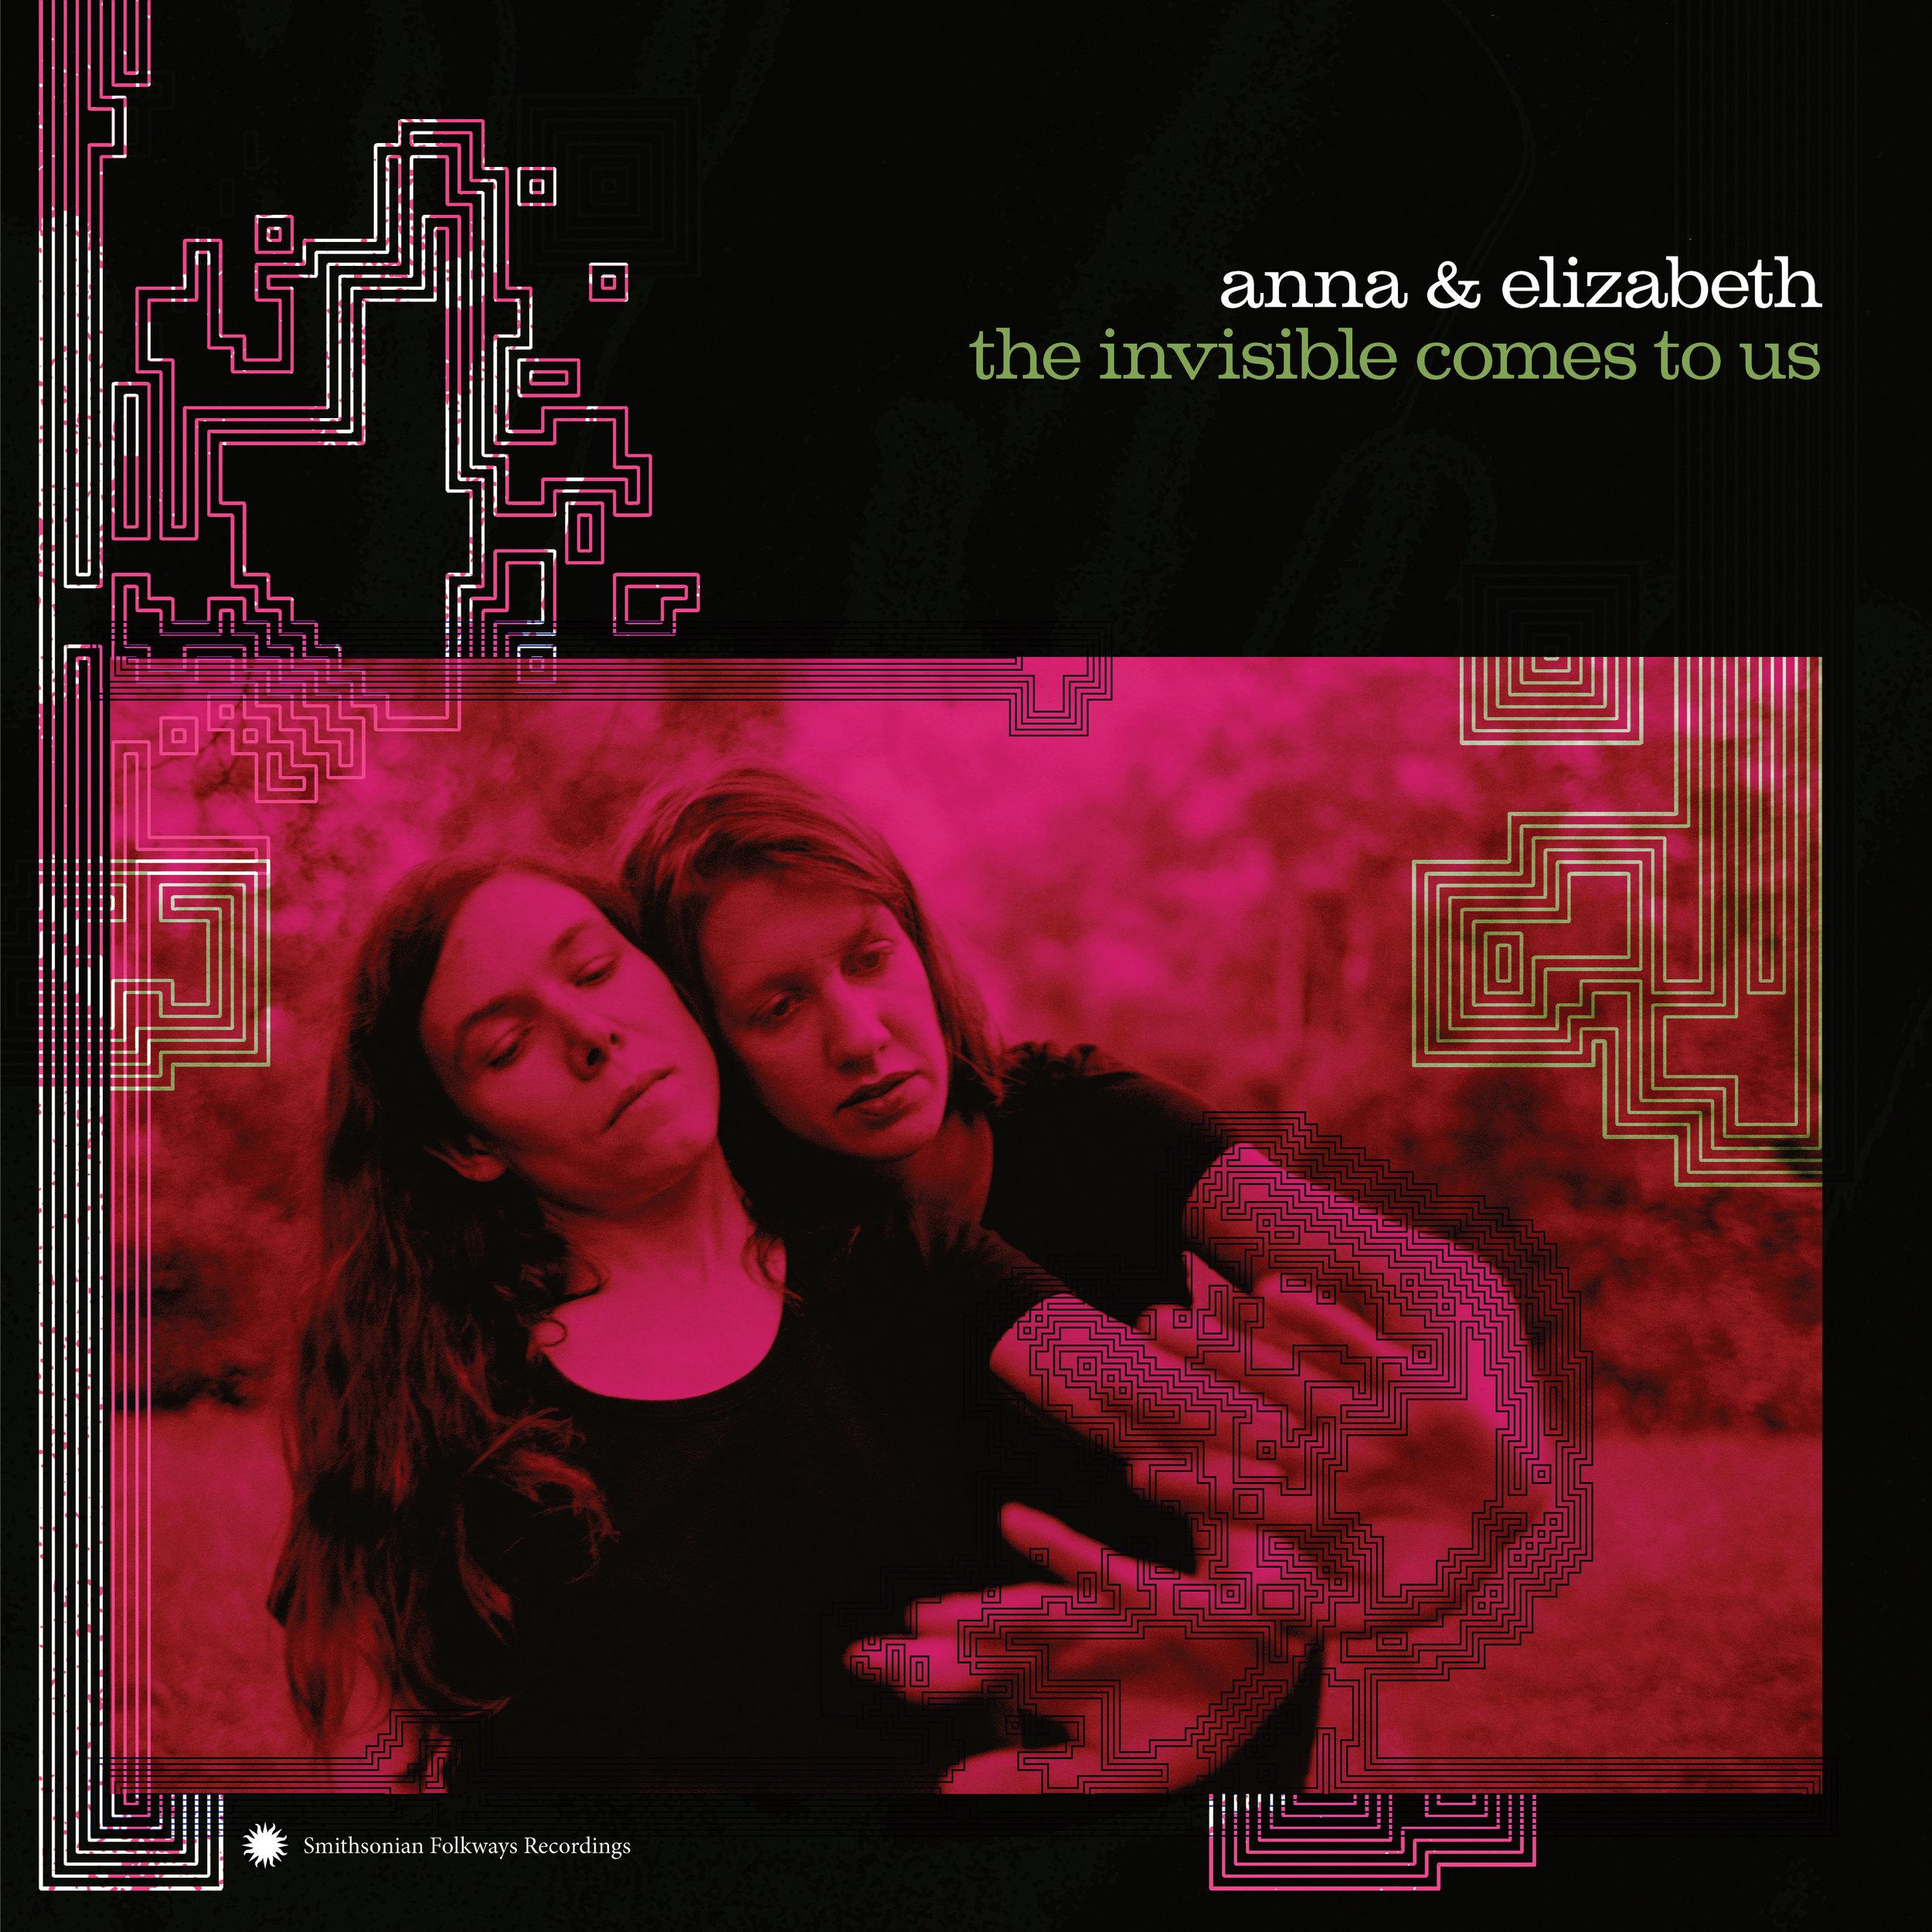 anna and elizabeth cover 300dpi-rgb.jpg